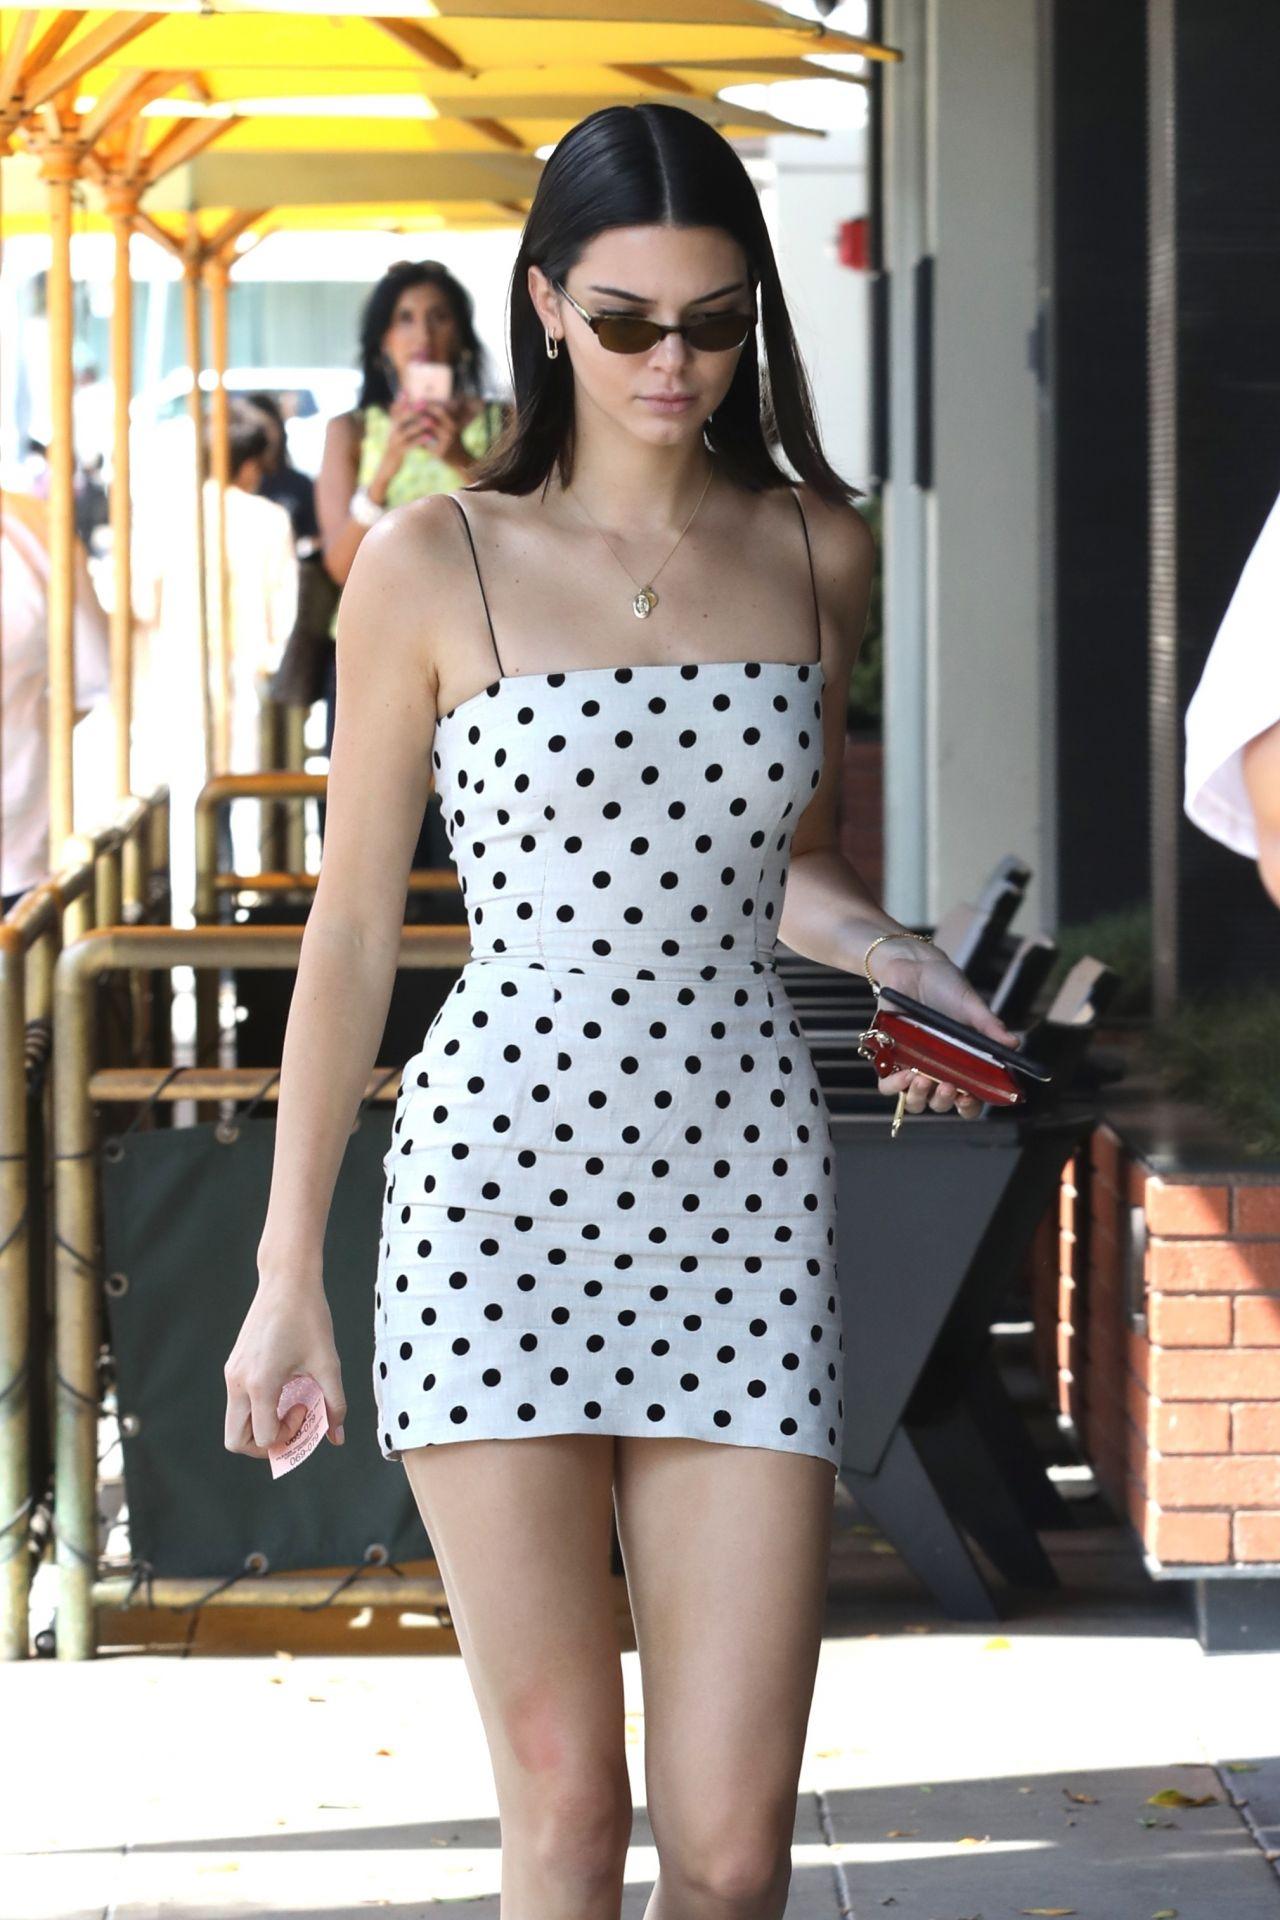 Kendall Jenner In Black And White Polka Dot Dress